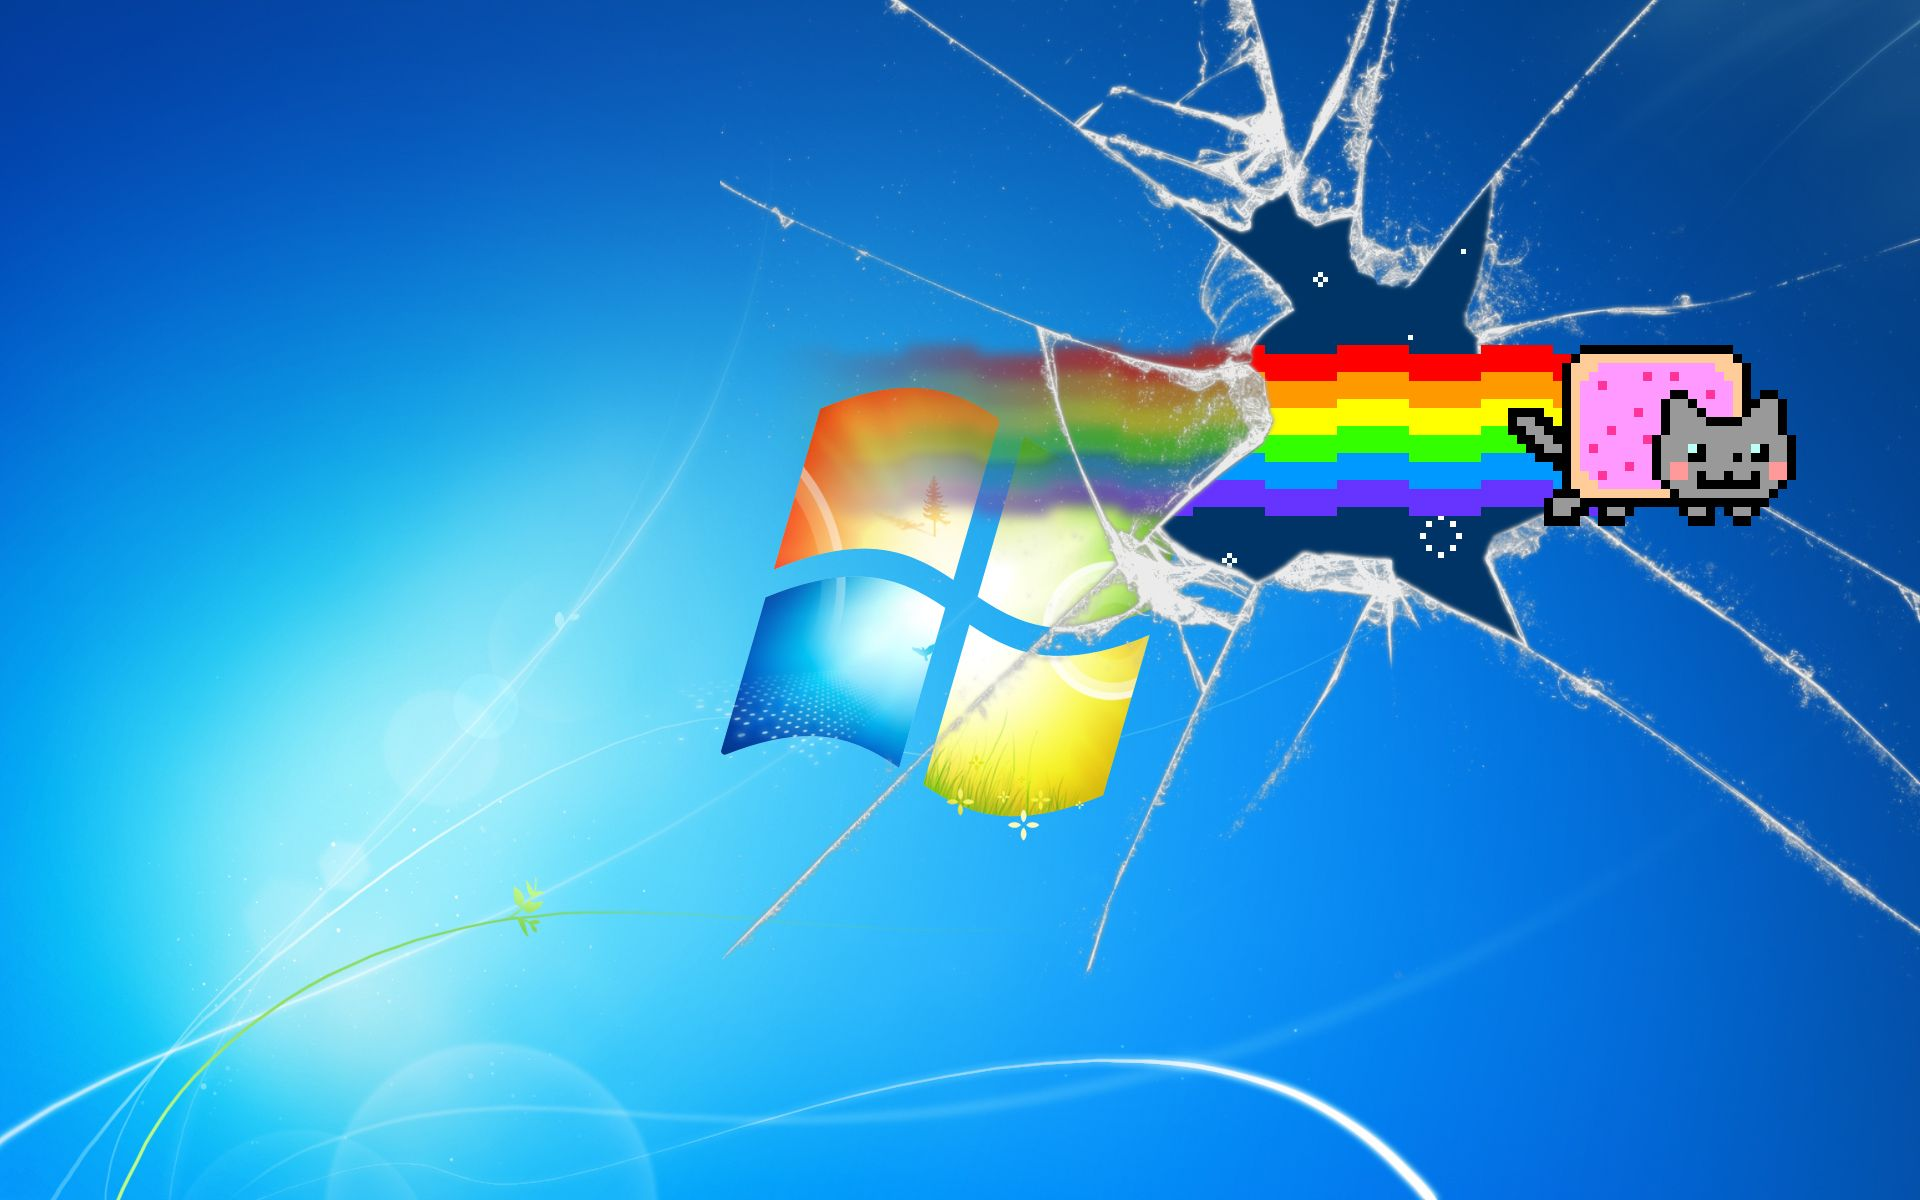 Nyan Cat In Harmony Wallpaper Computer Wallpaper Desktop Wallpapers Windows Wallpaper Broken Screen Wallpaper